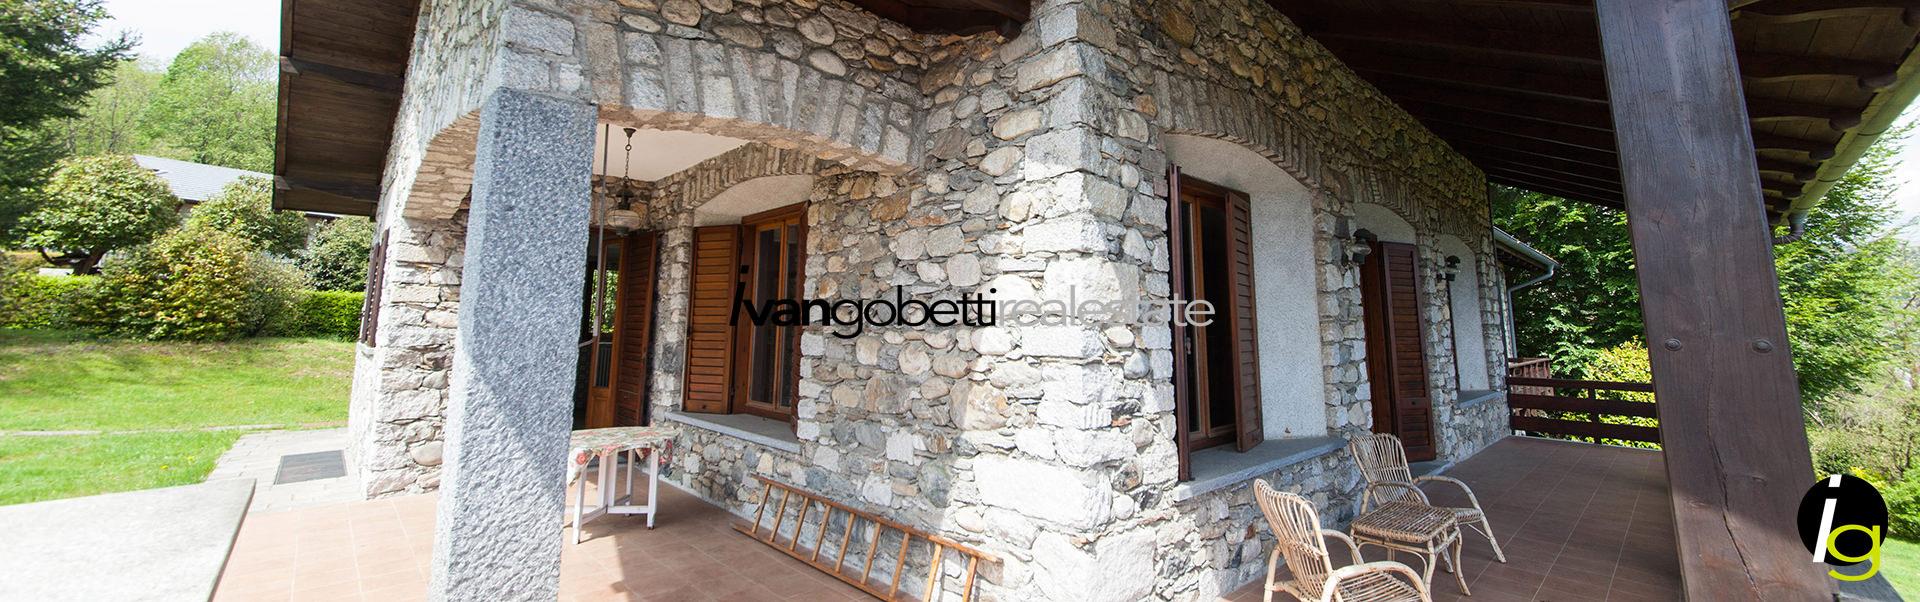 Vendesi villa in sasso con panoramica vista del Lago Maggiore, Verbania